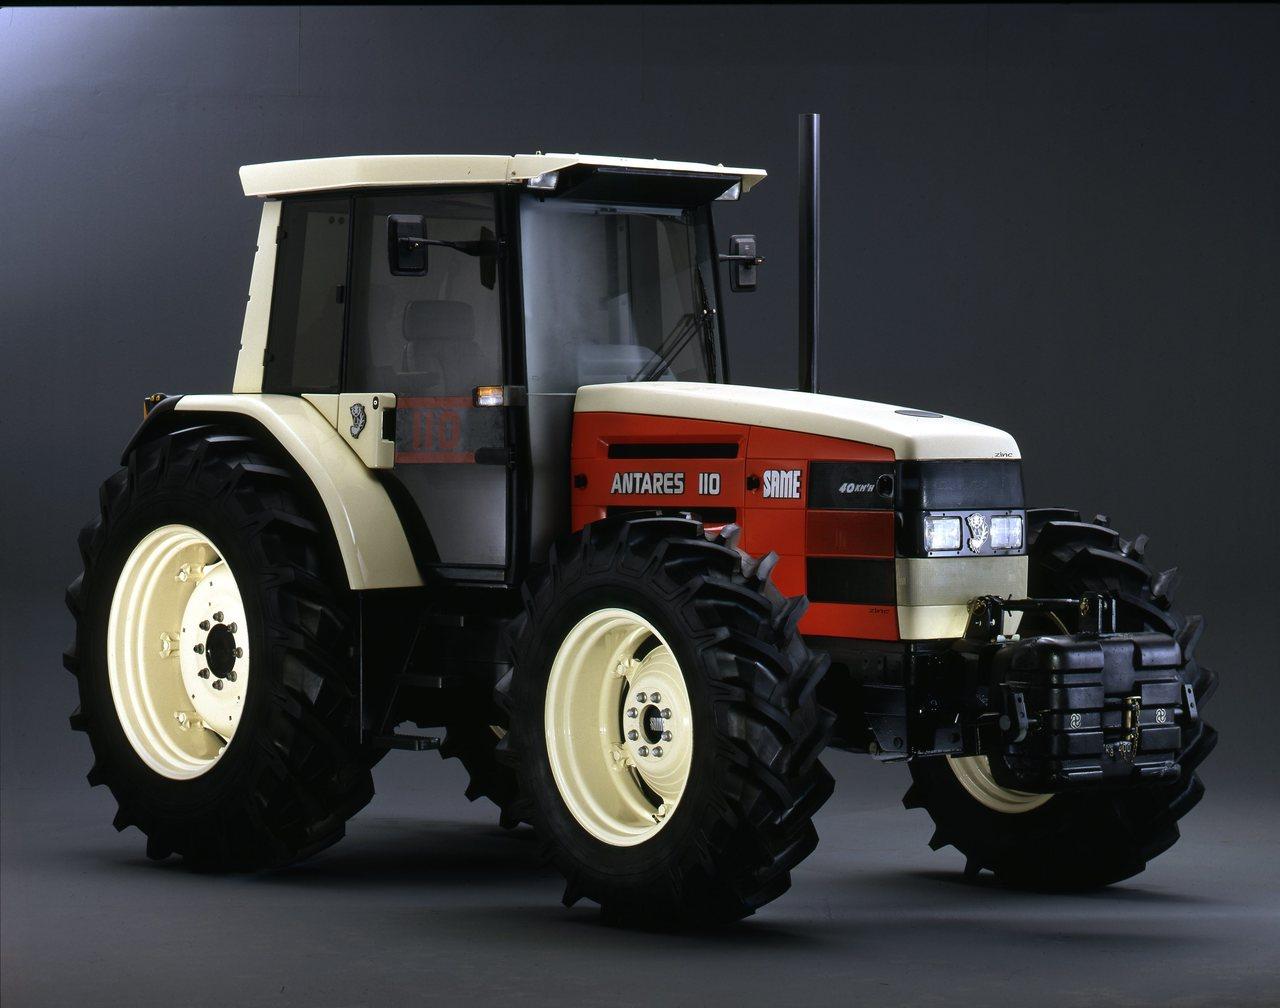 [SAME] Prove di cofanatura trattore Antares 110